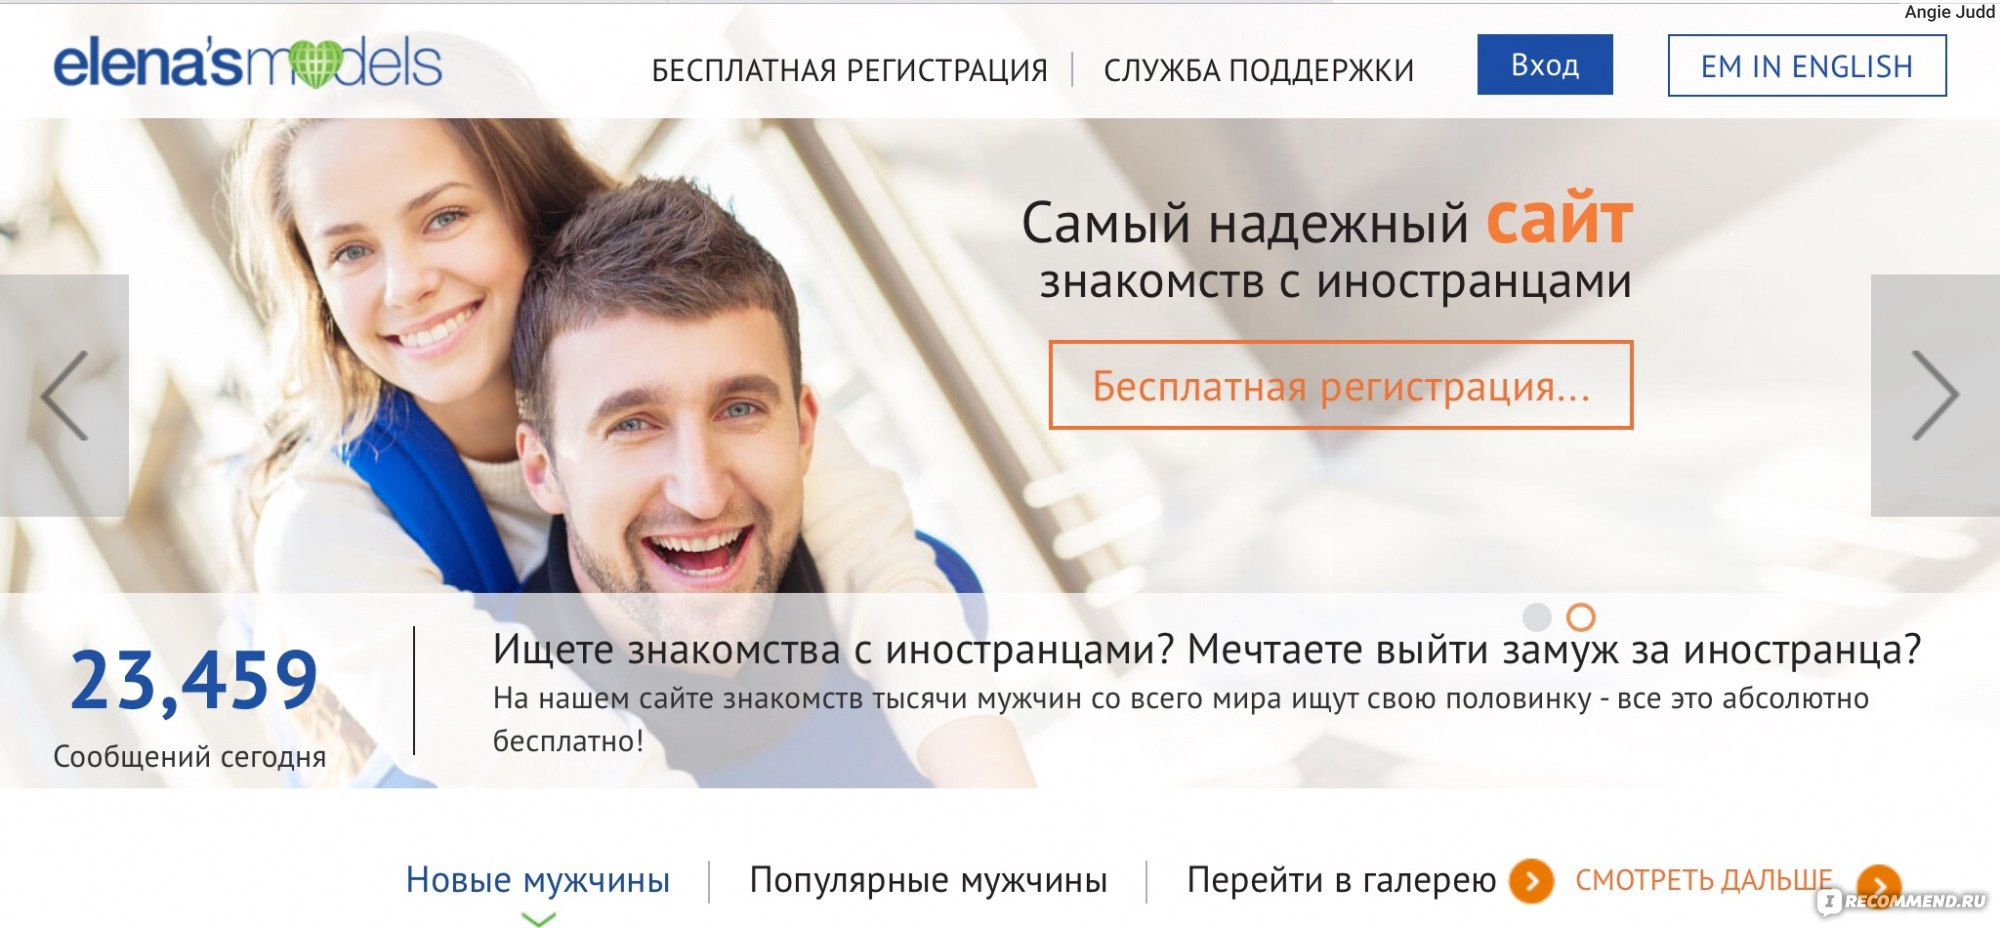 Сайт знакомства с мужчинами за границей объявления интимные знакомства киев